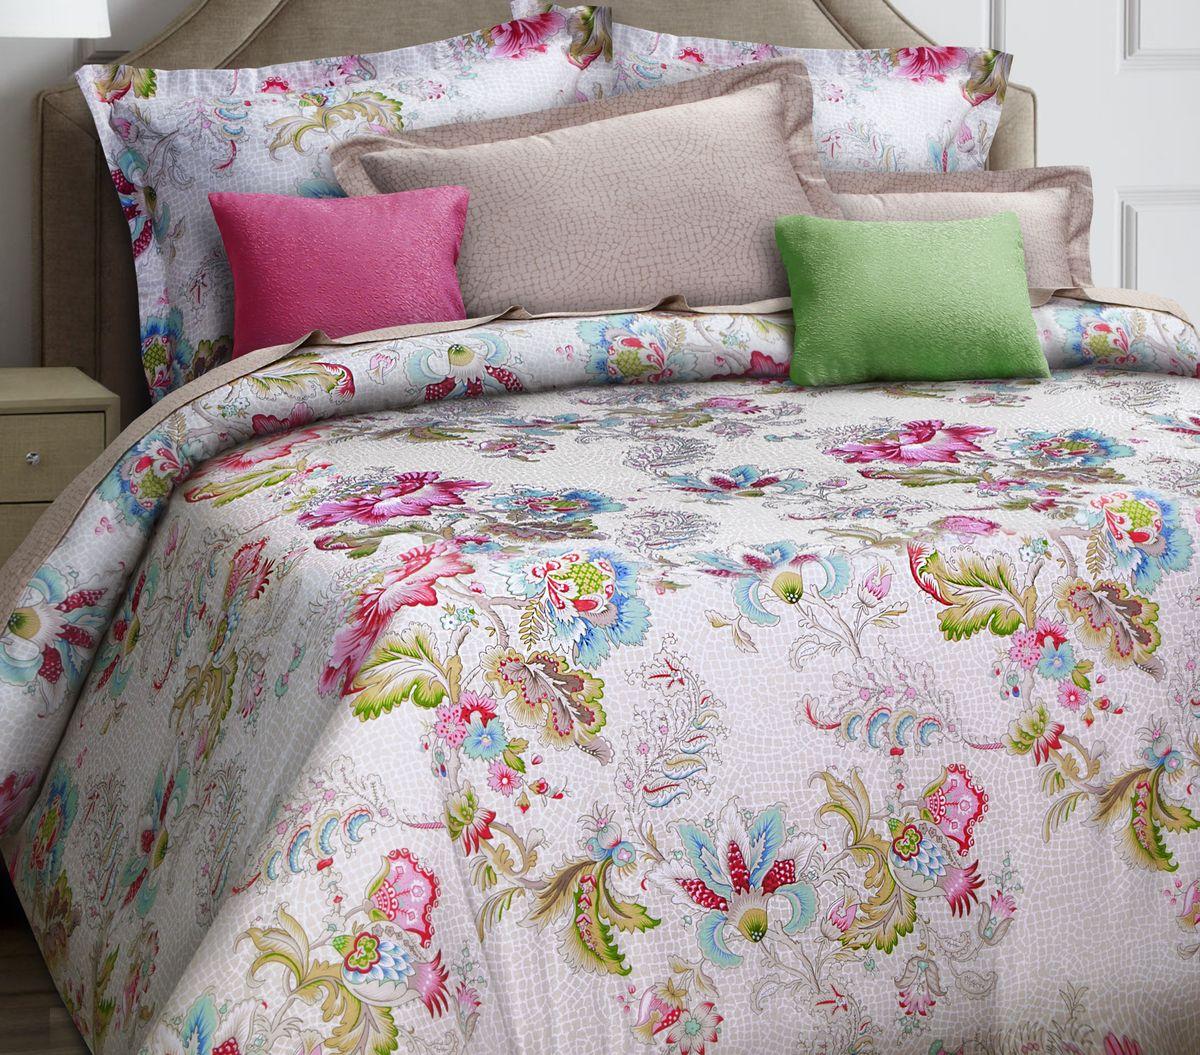 Комплект белья Mona Liza Premium. Romance, 1.5-спальный, наволочки 70х705047/015Комплект постельного белья Mona Liza выполнен из сатина (100% хлопок), состоит из пододеяльника, простыни и двух наволочек. Изделия оформлены цветочным принтом и декоративной отделкой.Такой изящный комплект, упакованный в чемоданчик, подойдет для любого стилевого и цветового решения интерьера, а также создаст в доме уют.